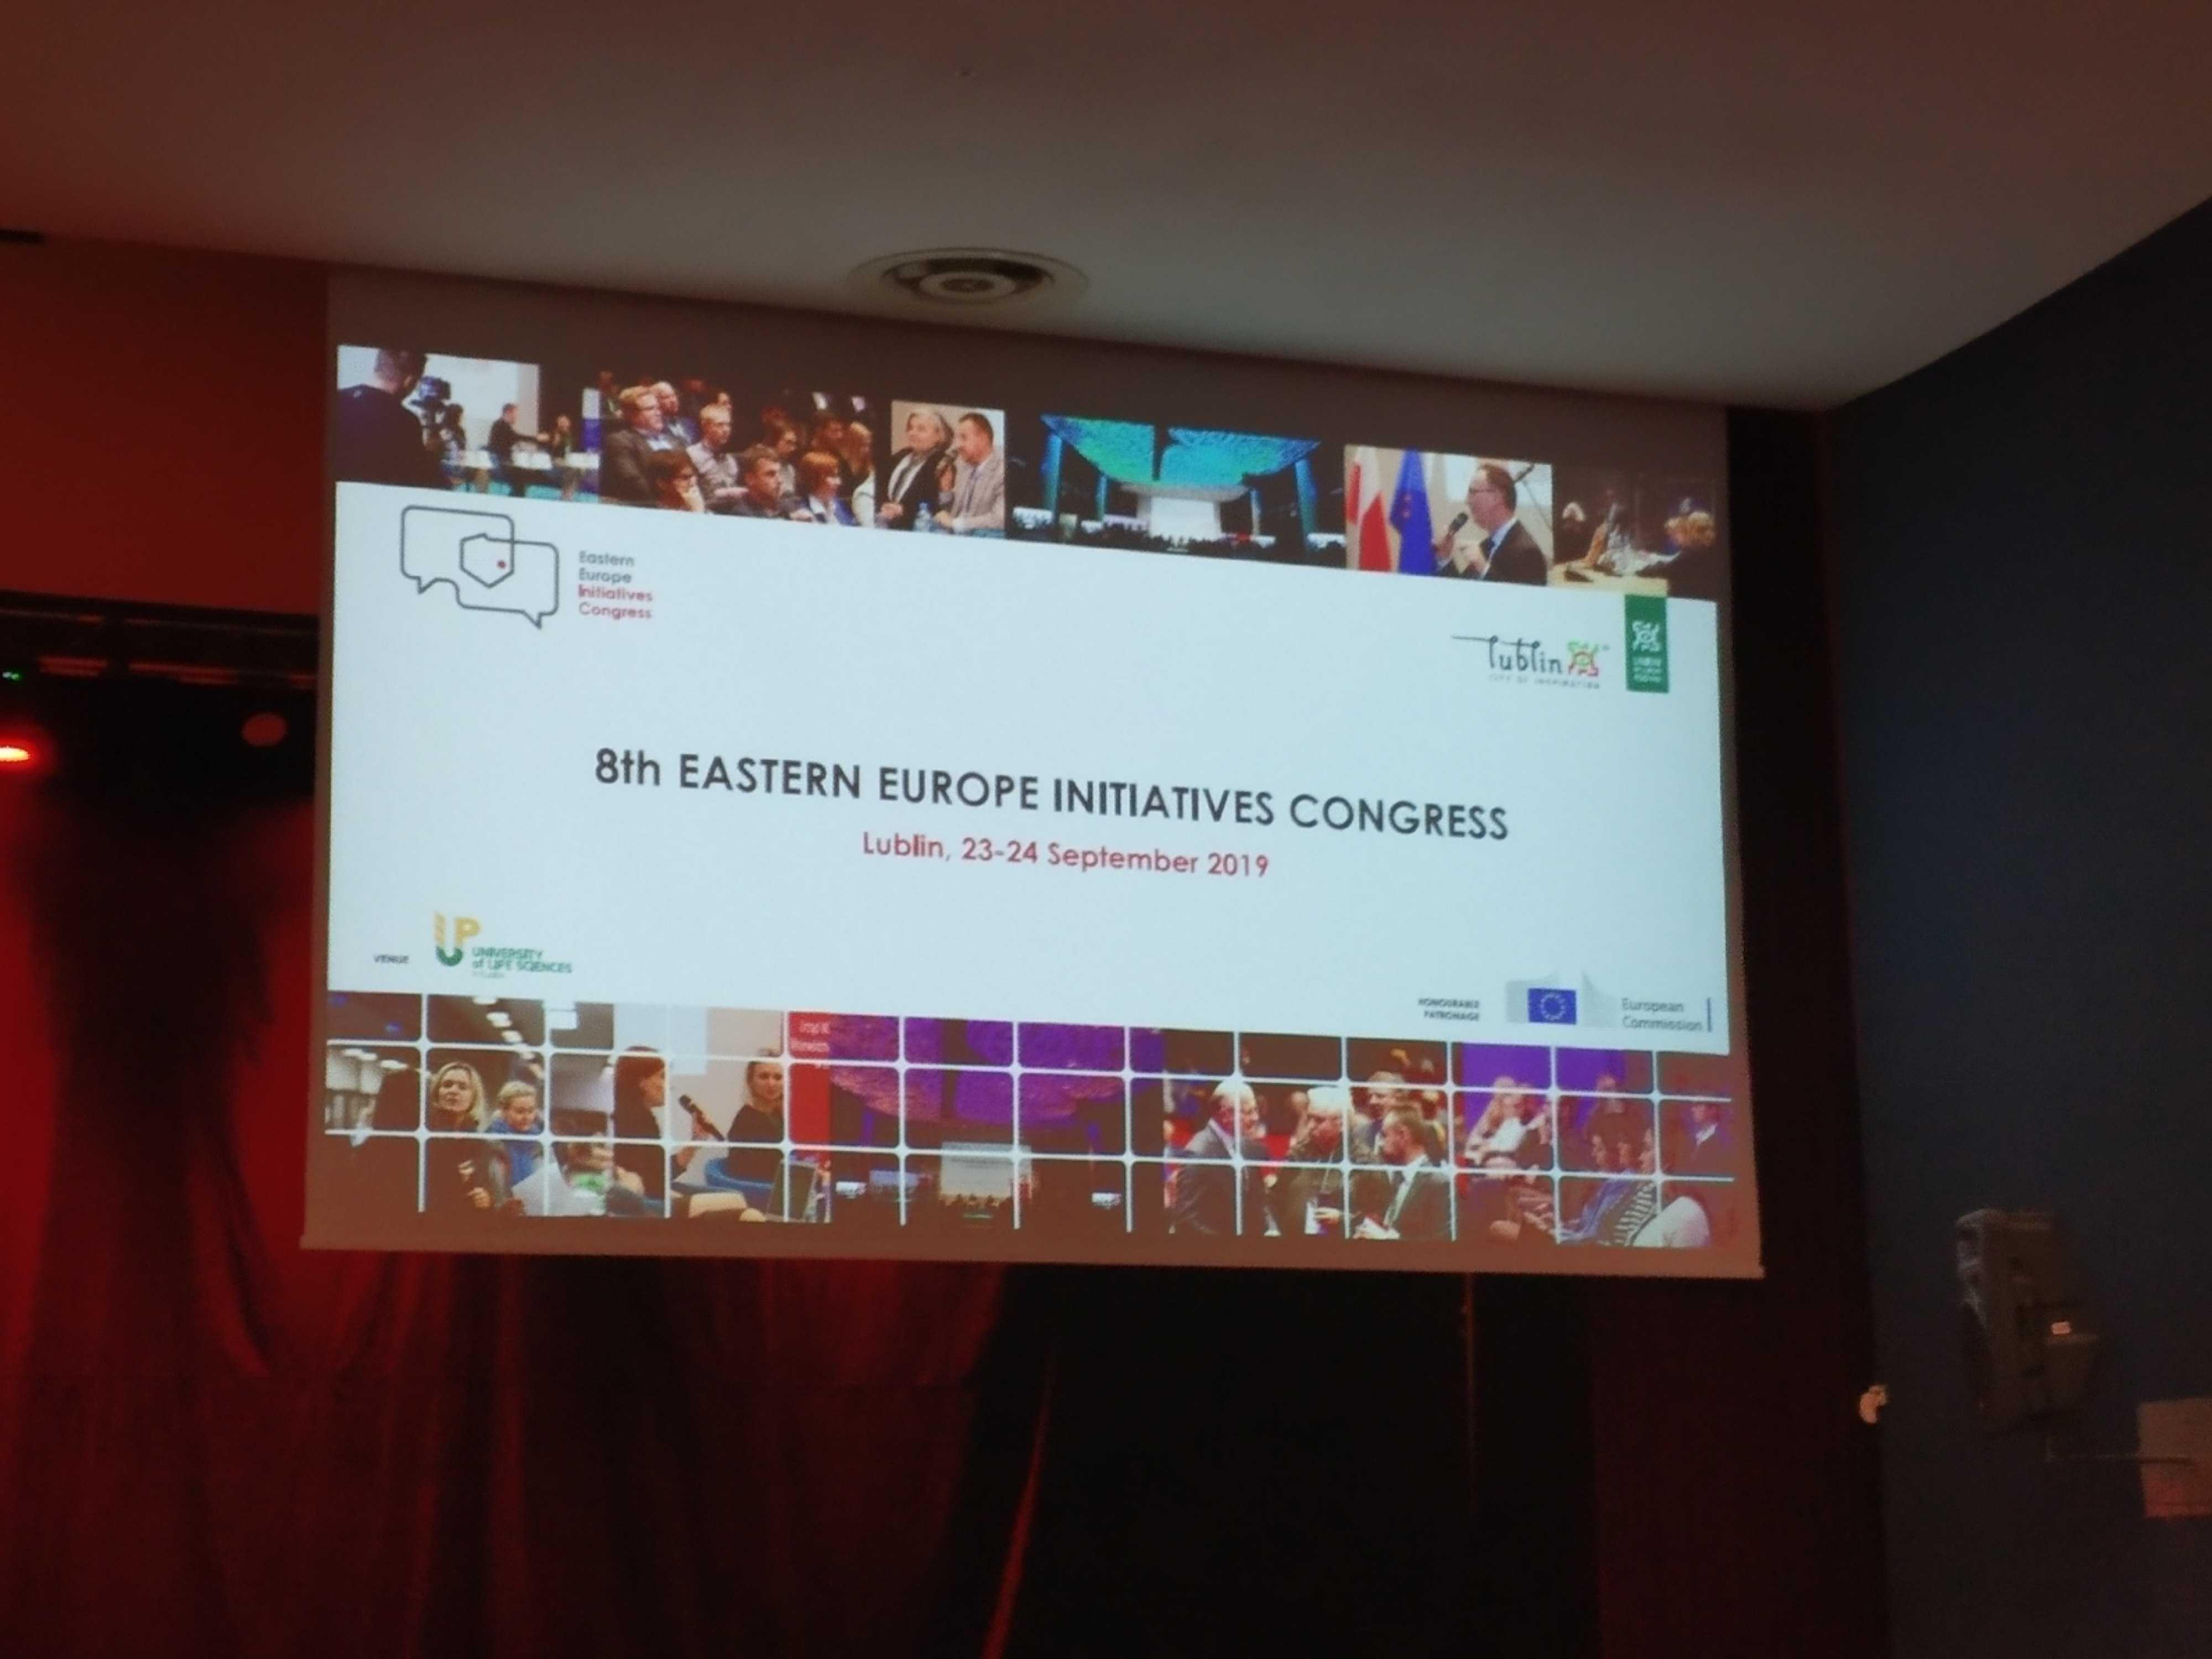 Kongres Inicjatyw Europy Wschodniej